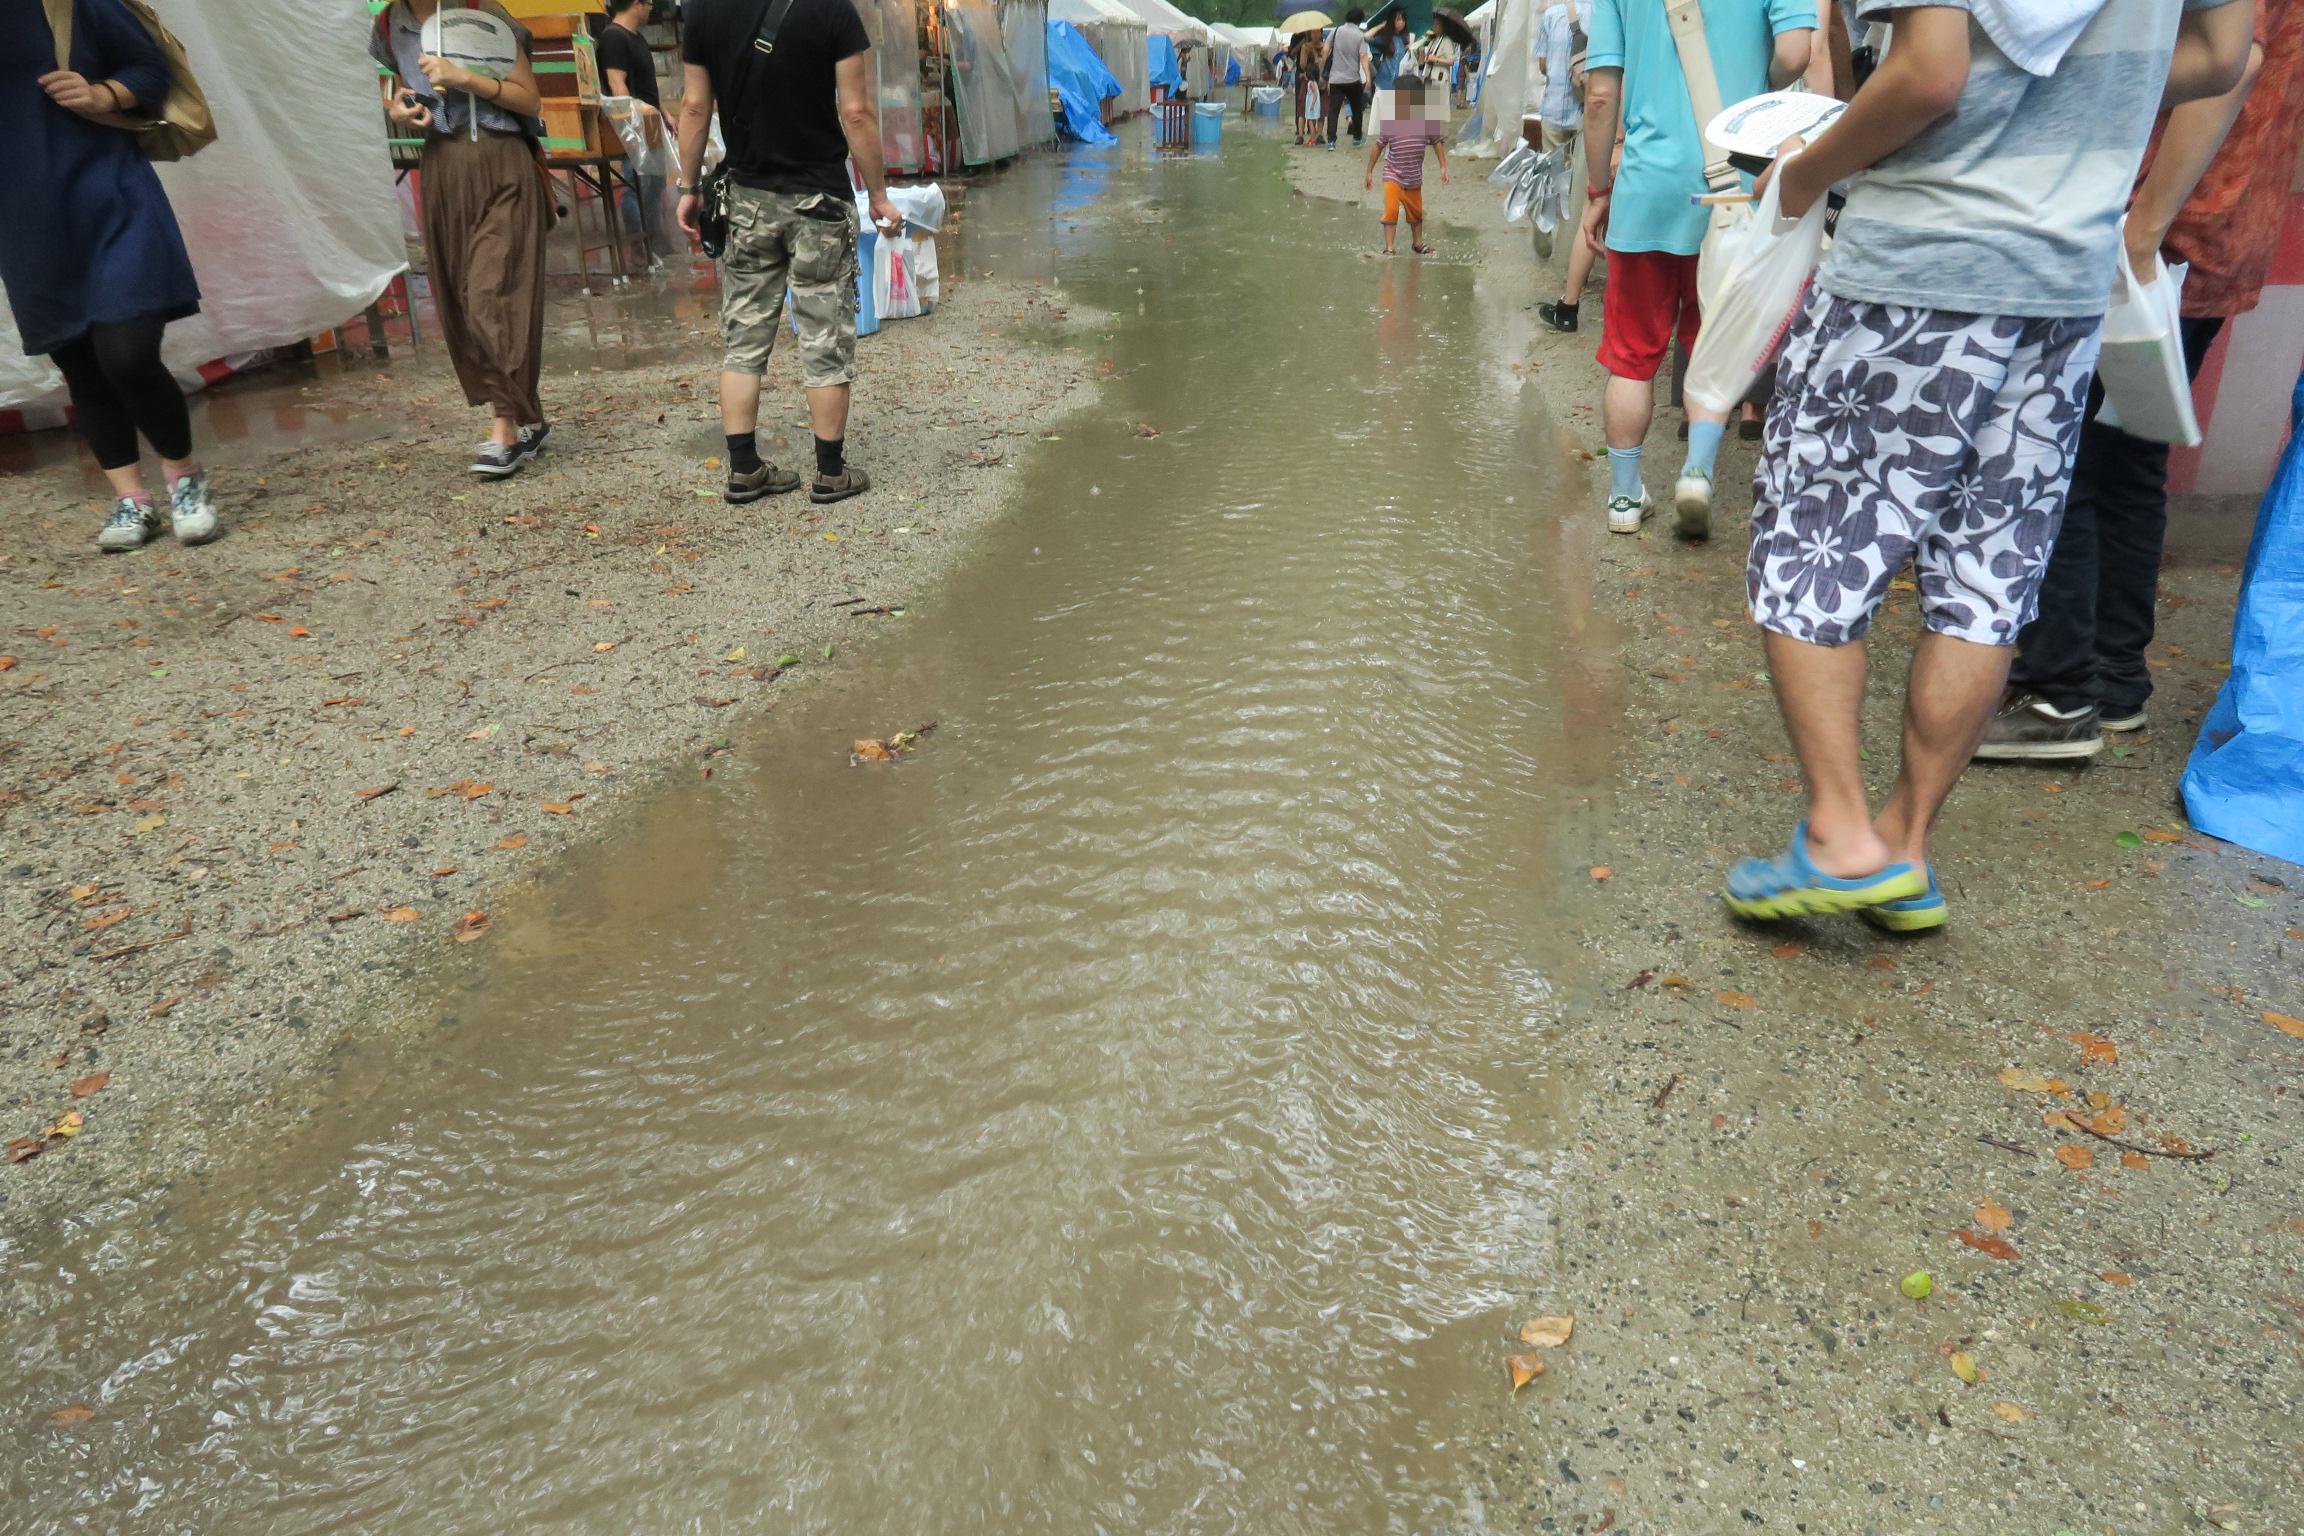 大雨となり、川も発生!? バシャバシャと走り回る子供も楽しげでした。